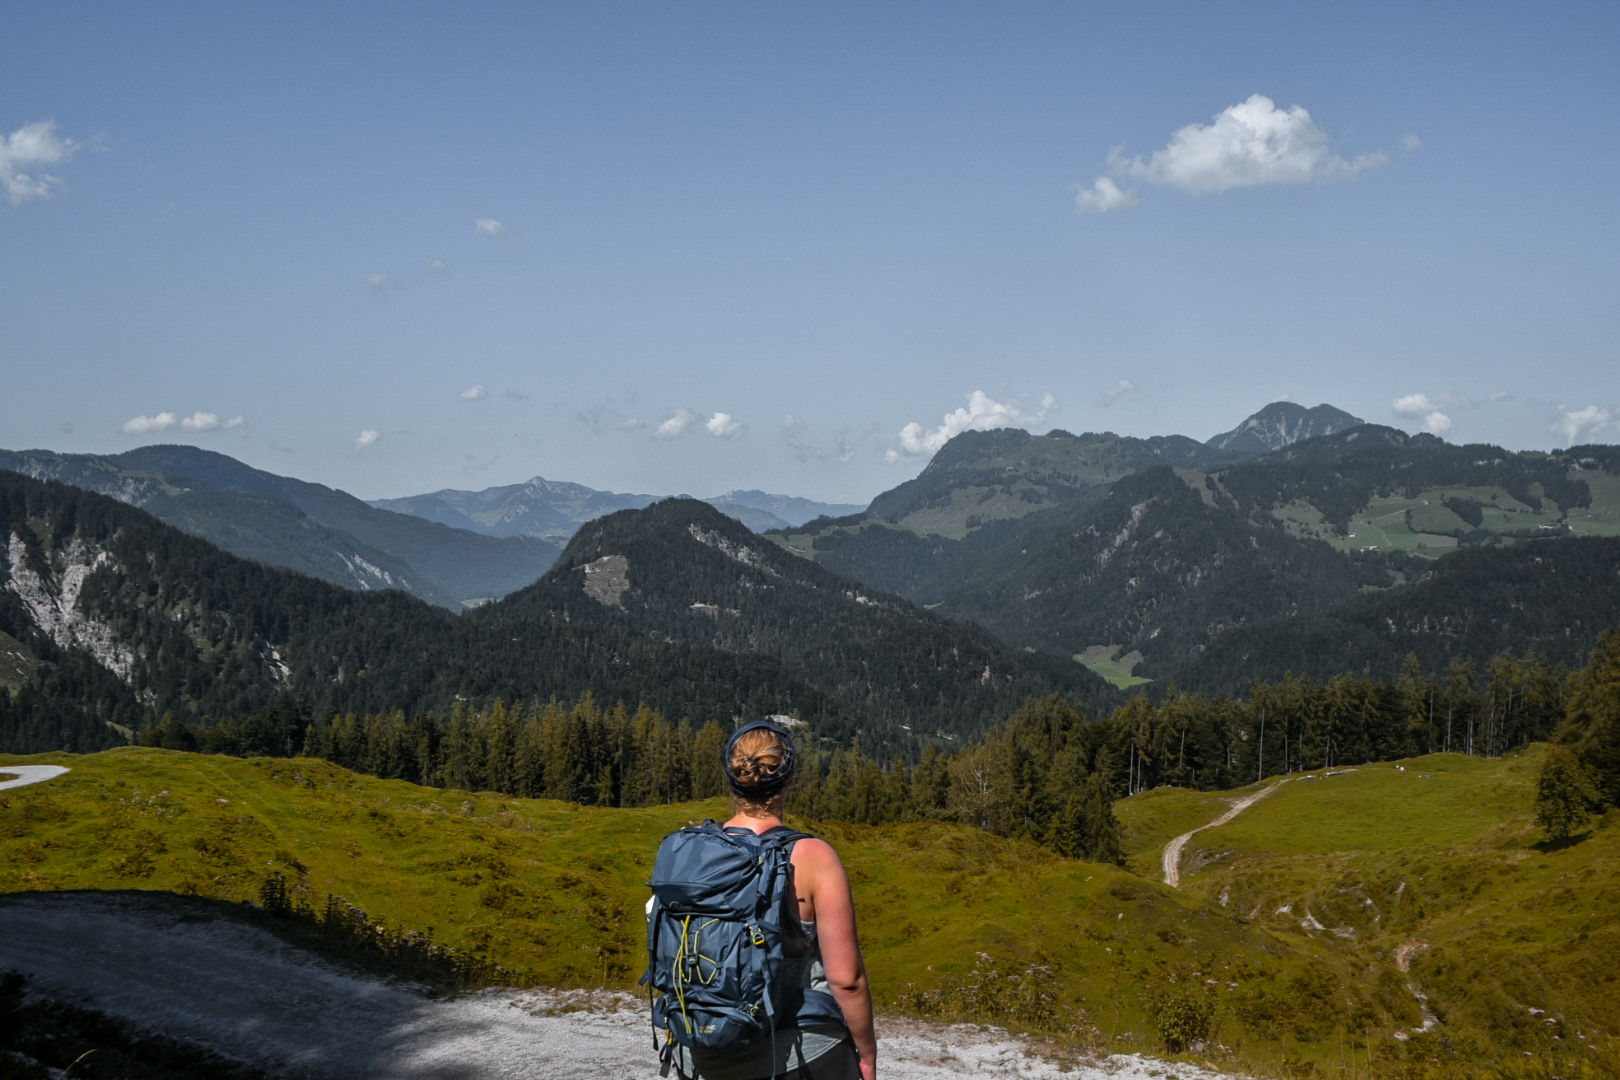 Blick auf die Berglandschaft am Koasa Trail